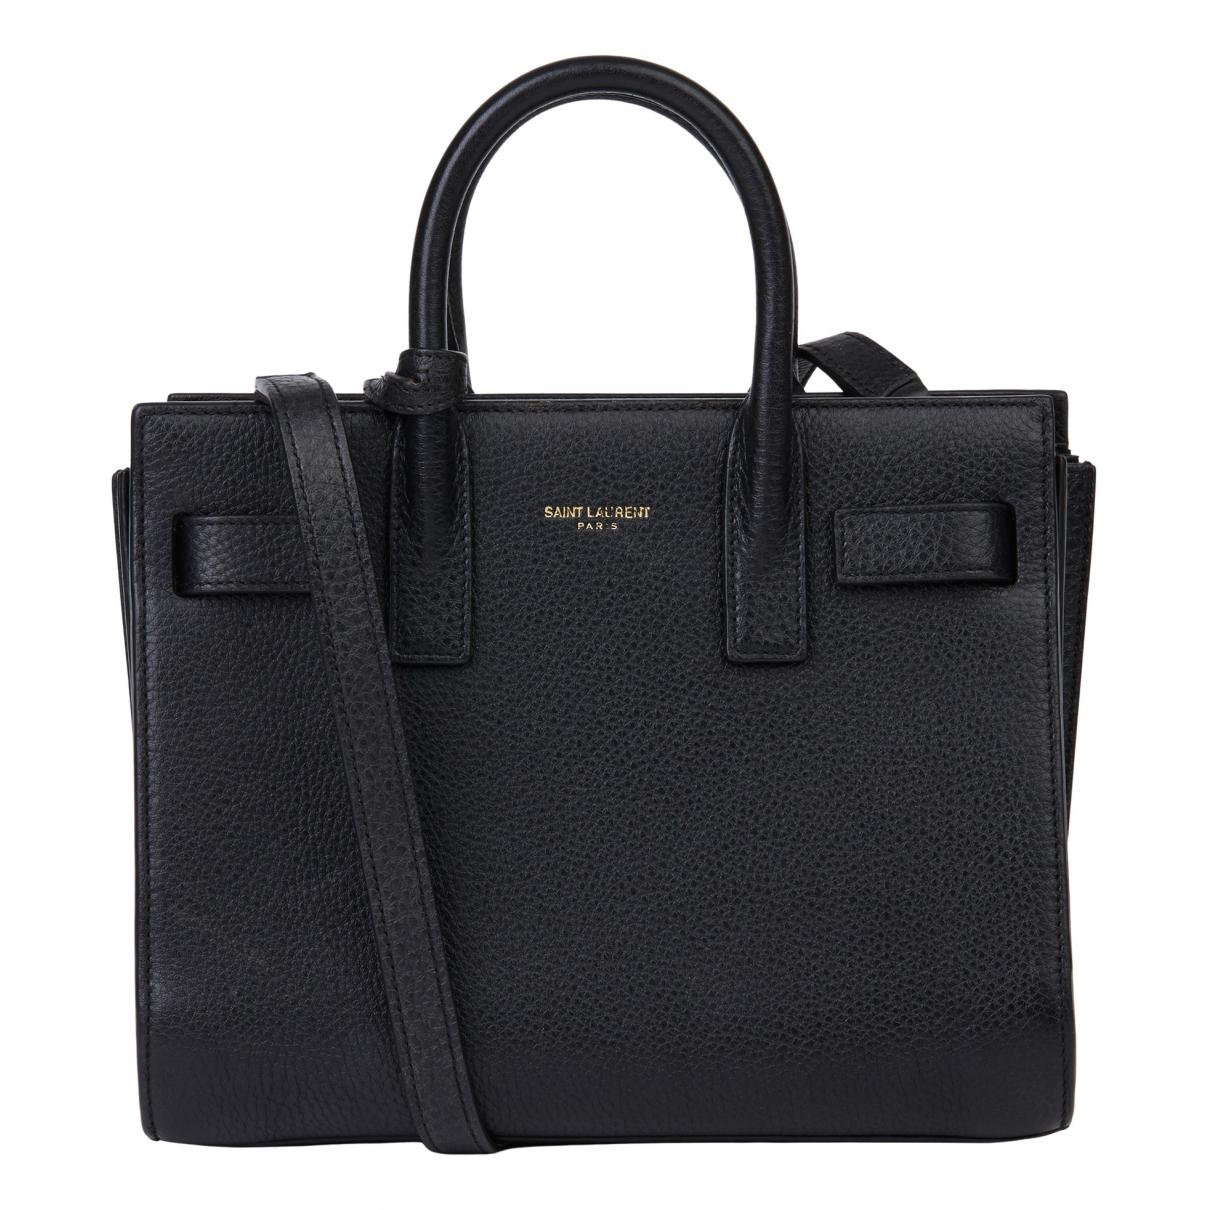 Saint Laurent Sac de Jour Black Leather handbag for Women N